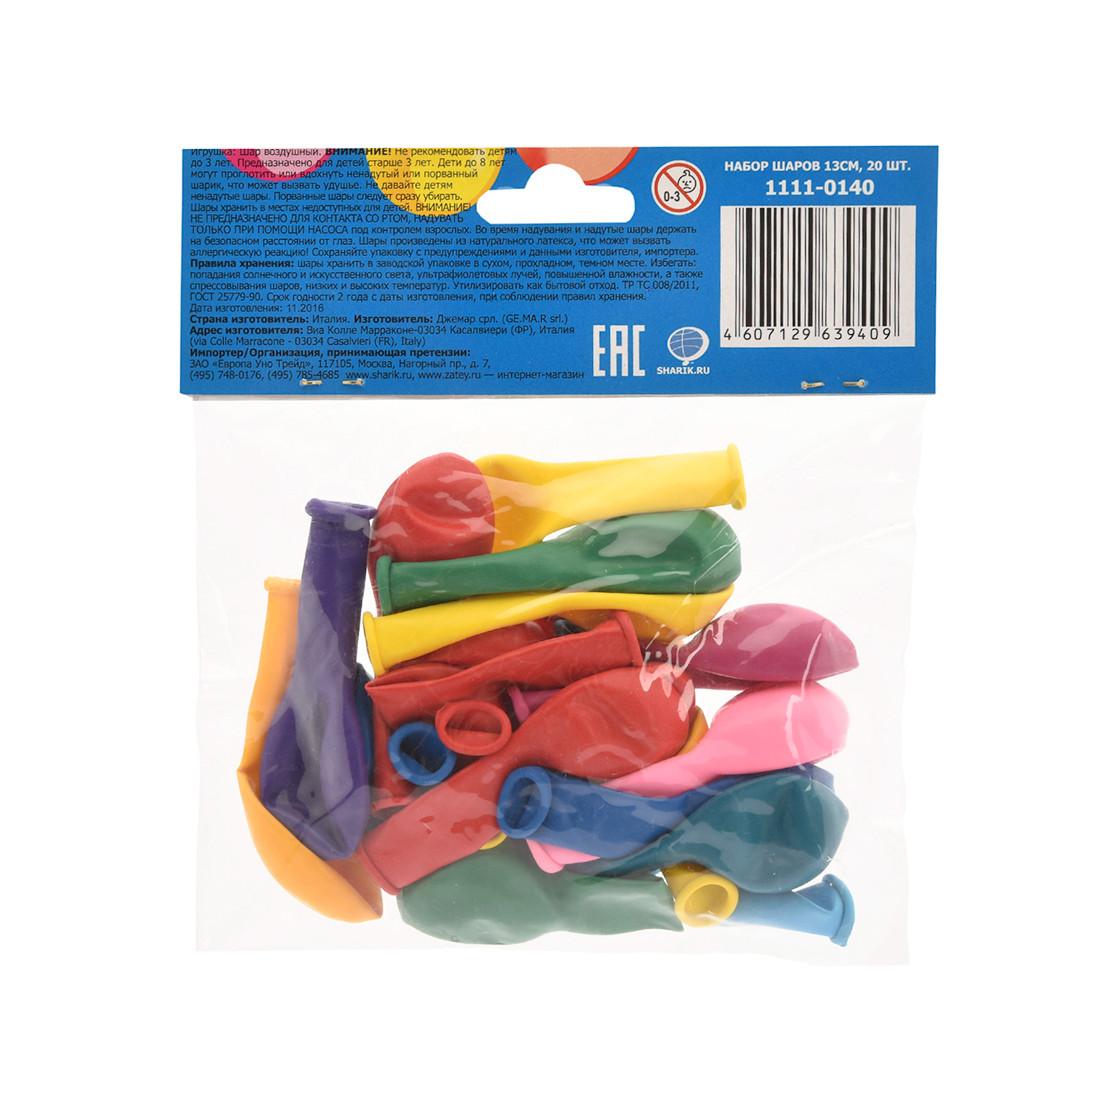 Воздушные шарики 1111-0140 (20 шт. в пакете) - фото 2